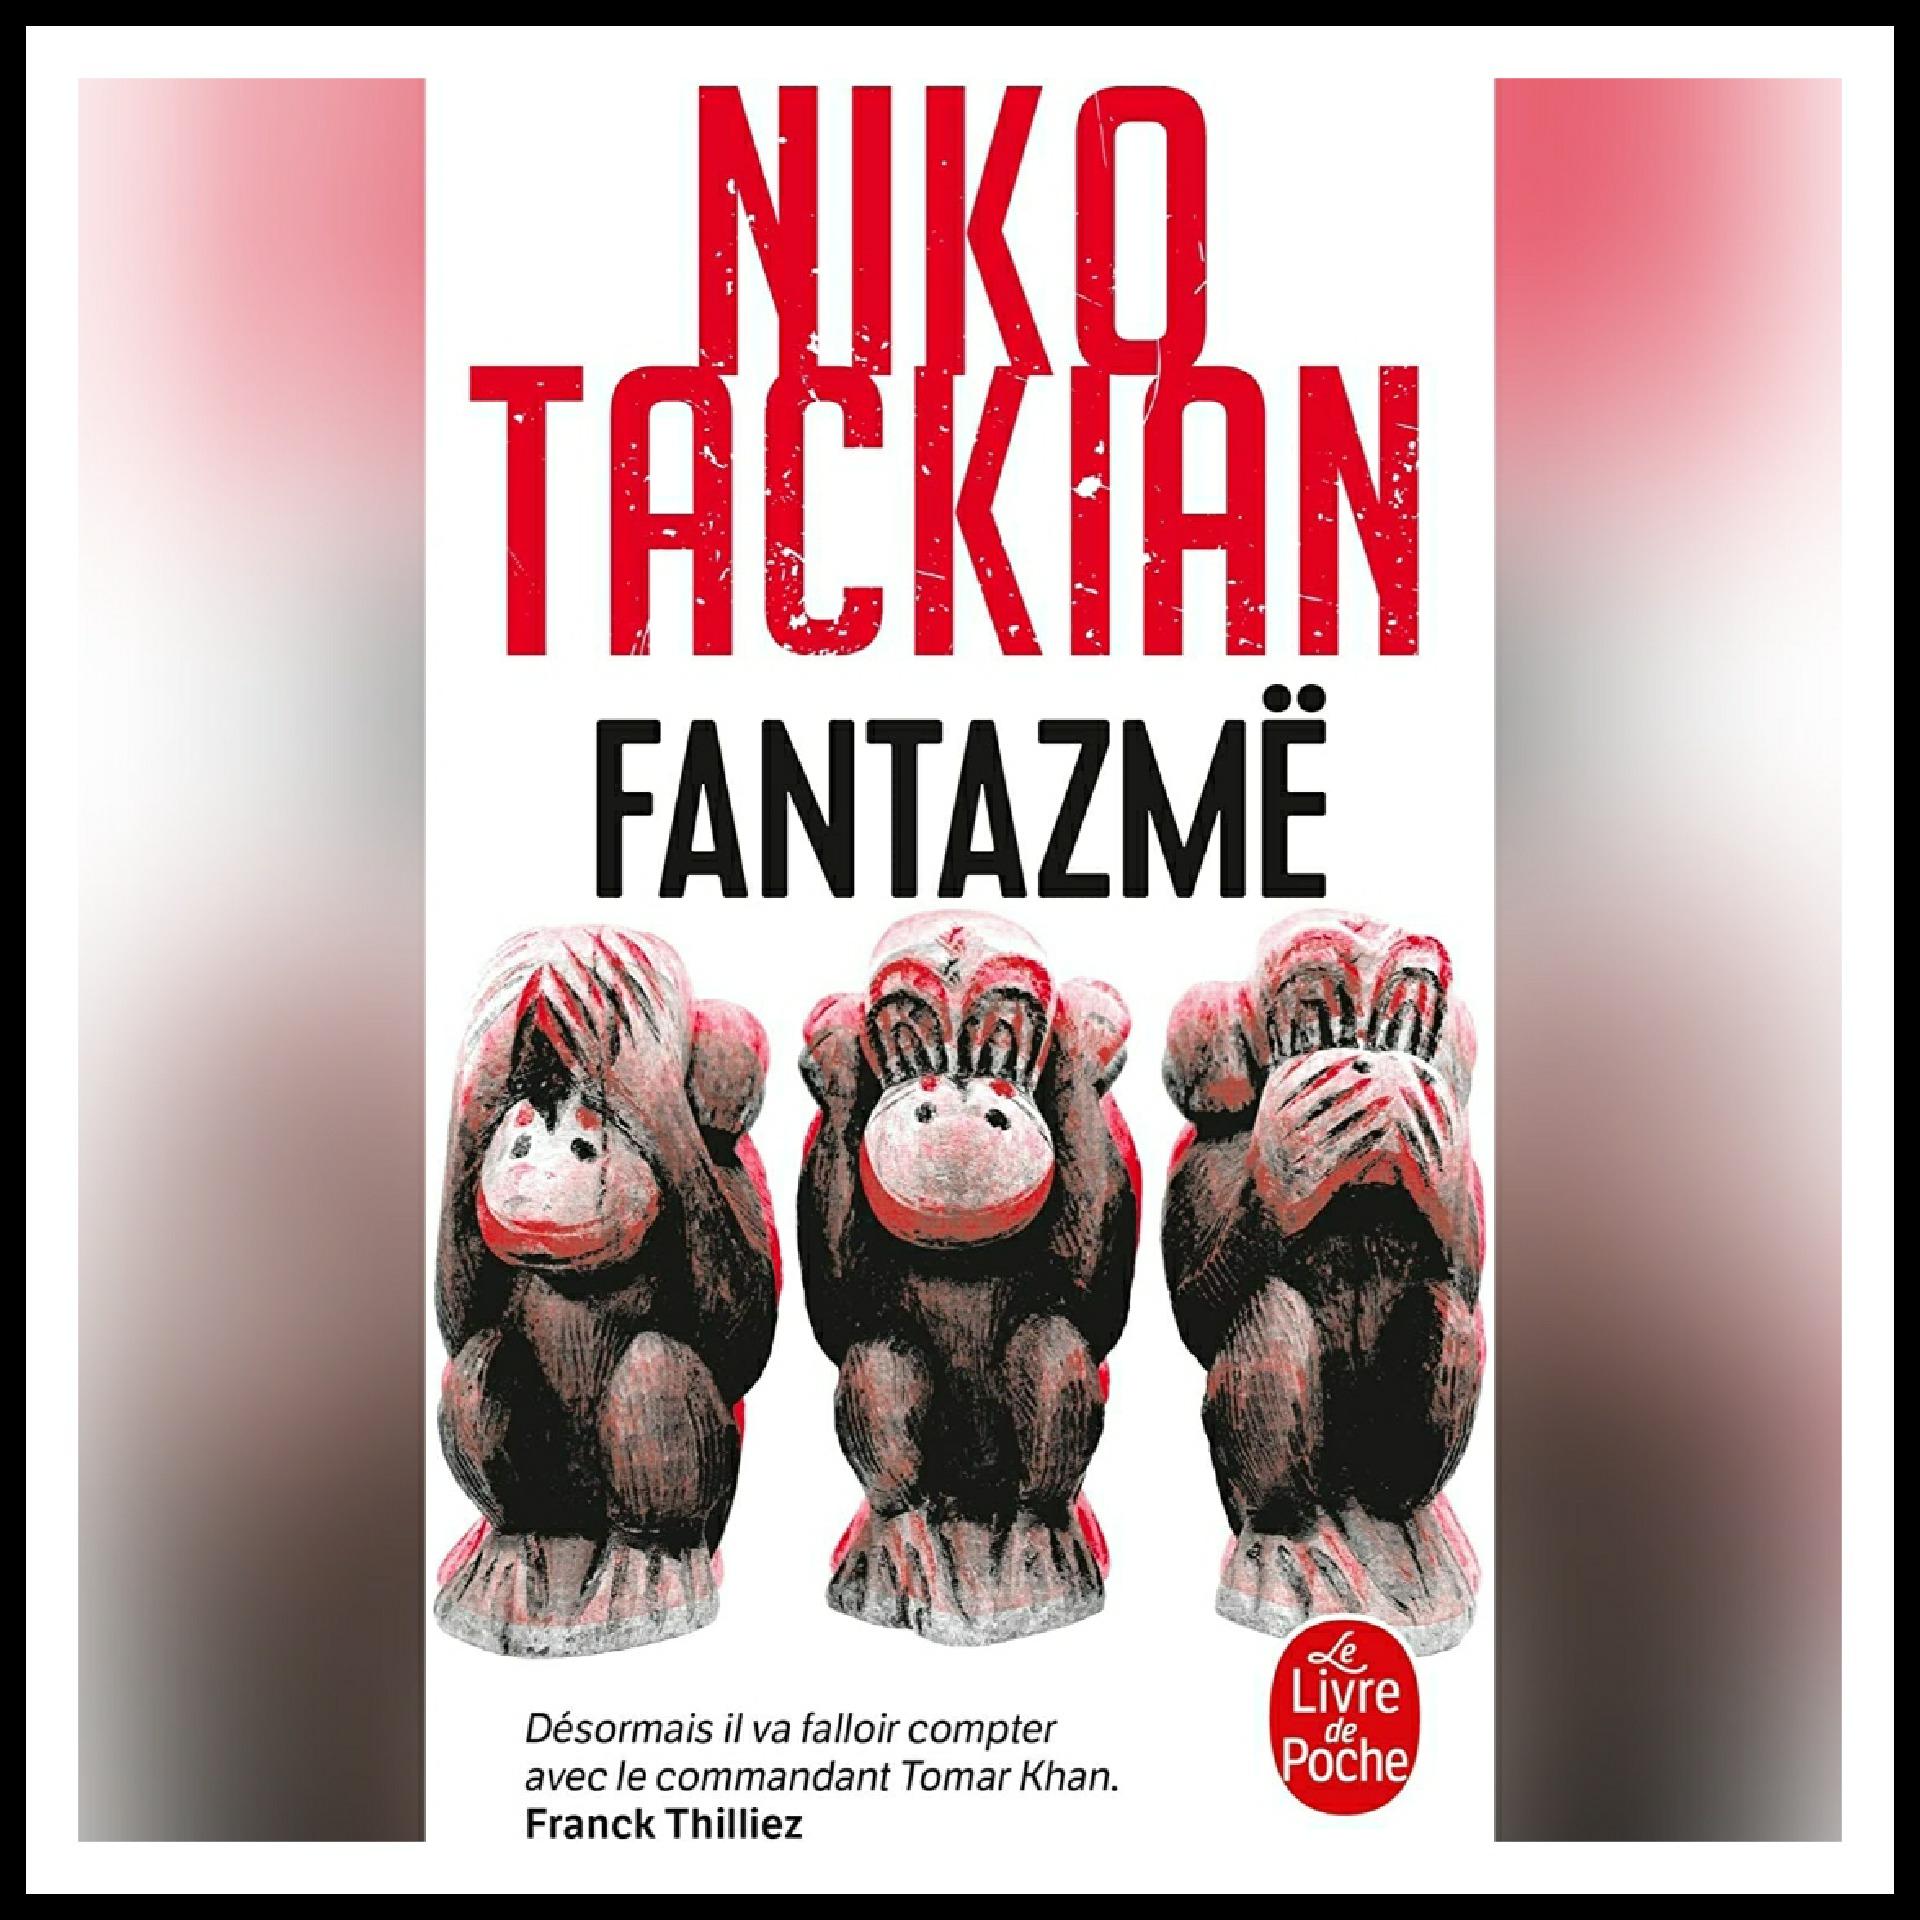 Chroniques 2018 \ Fantazmë de Niko Tackian